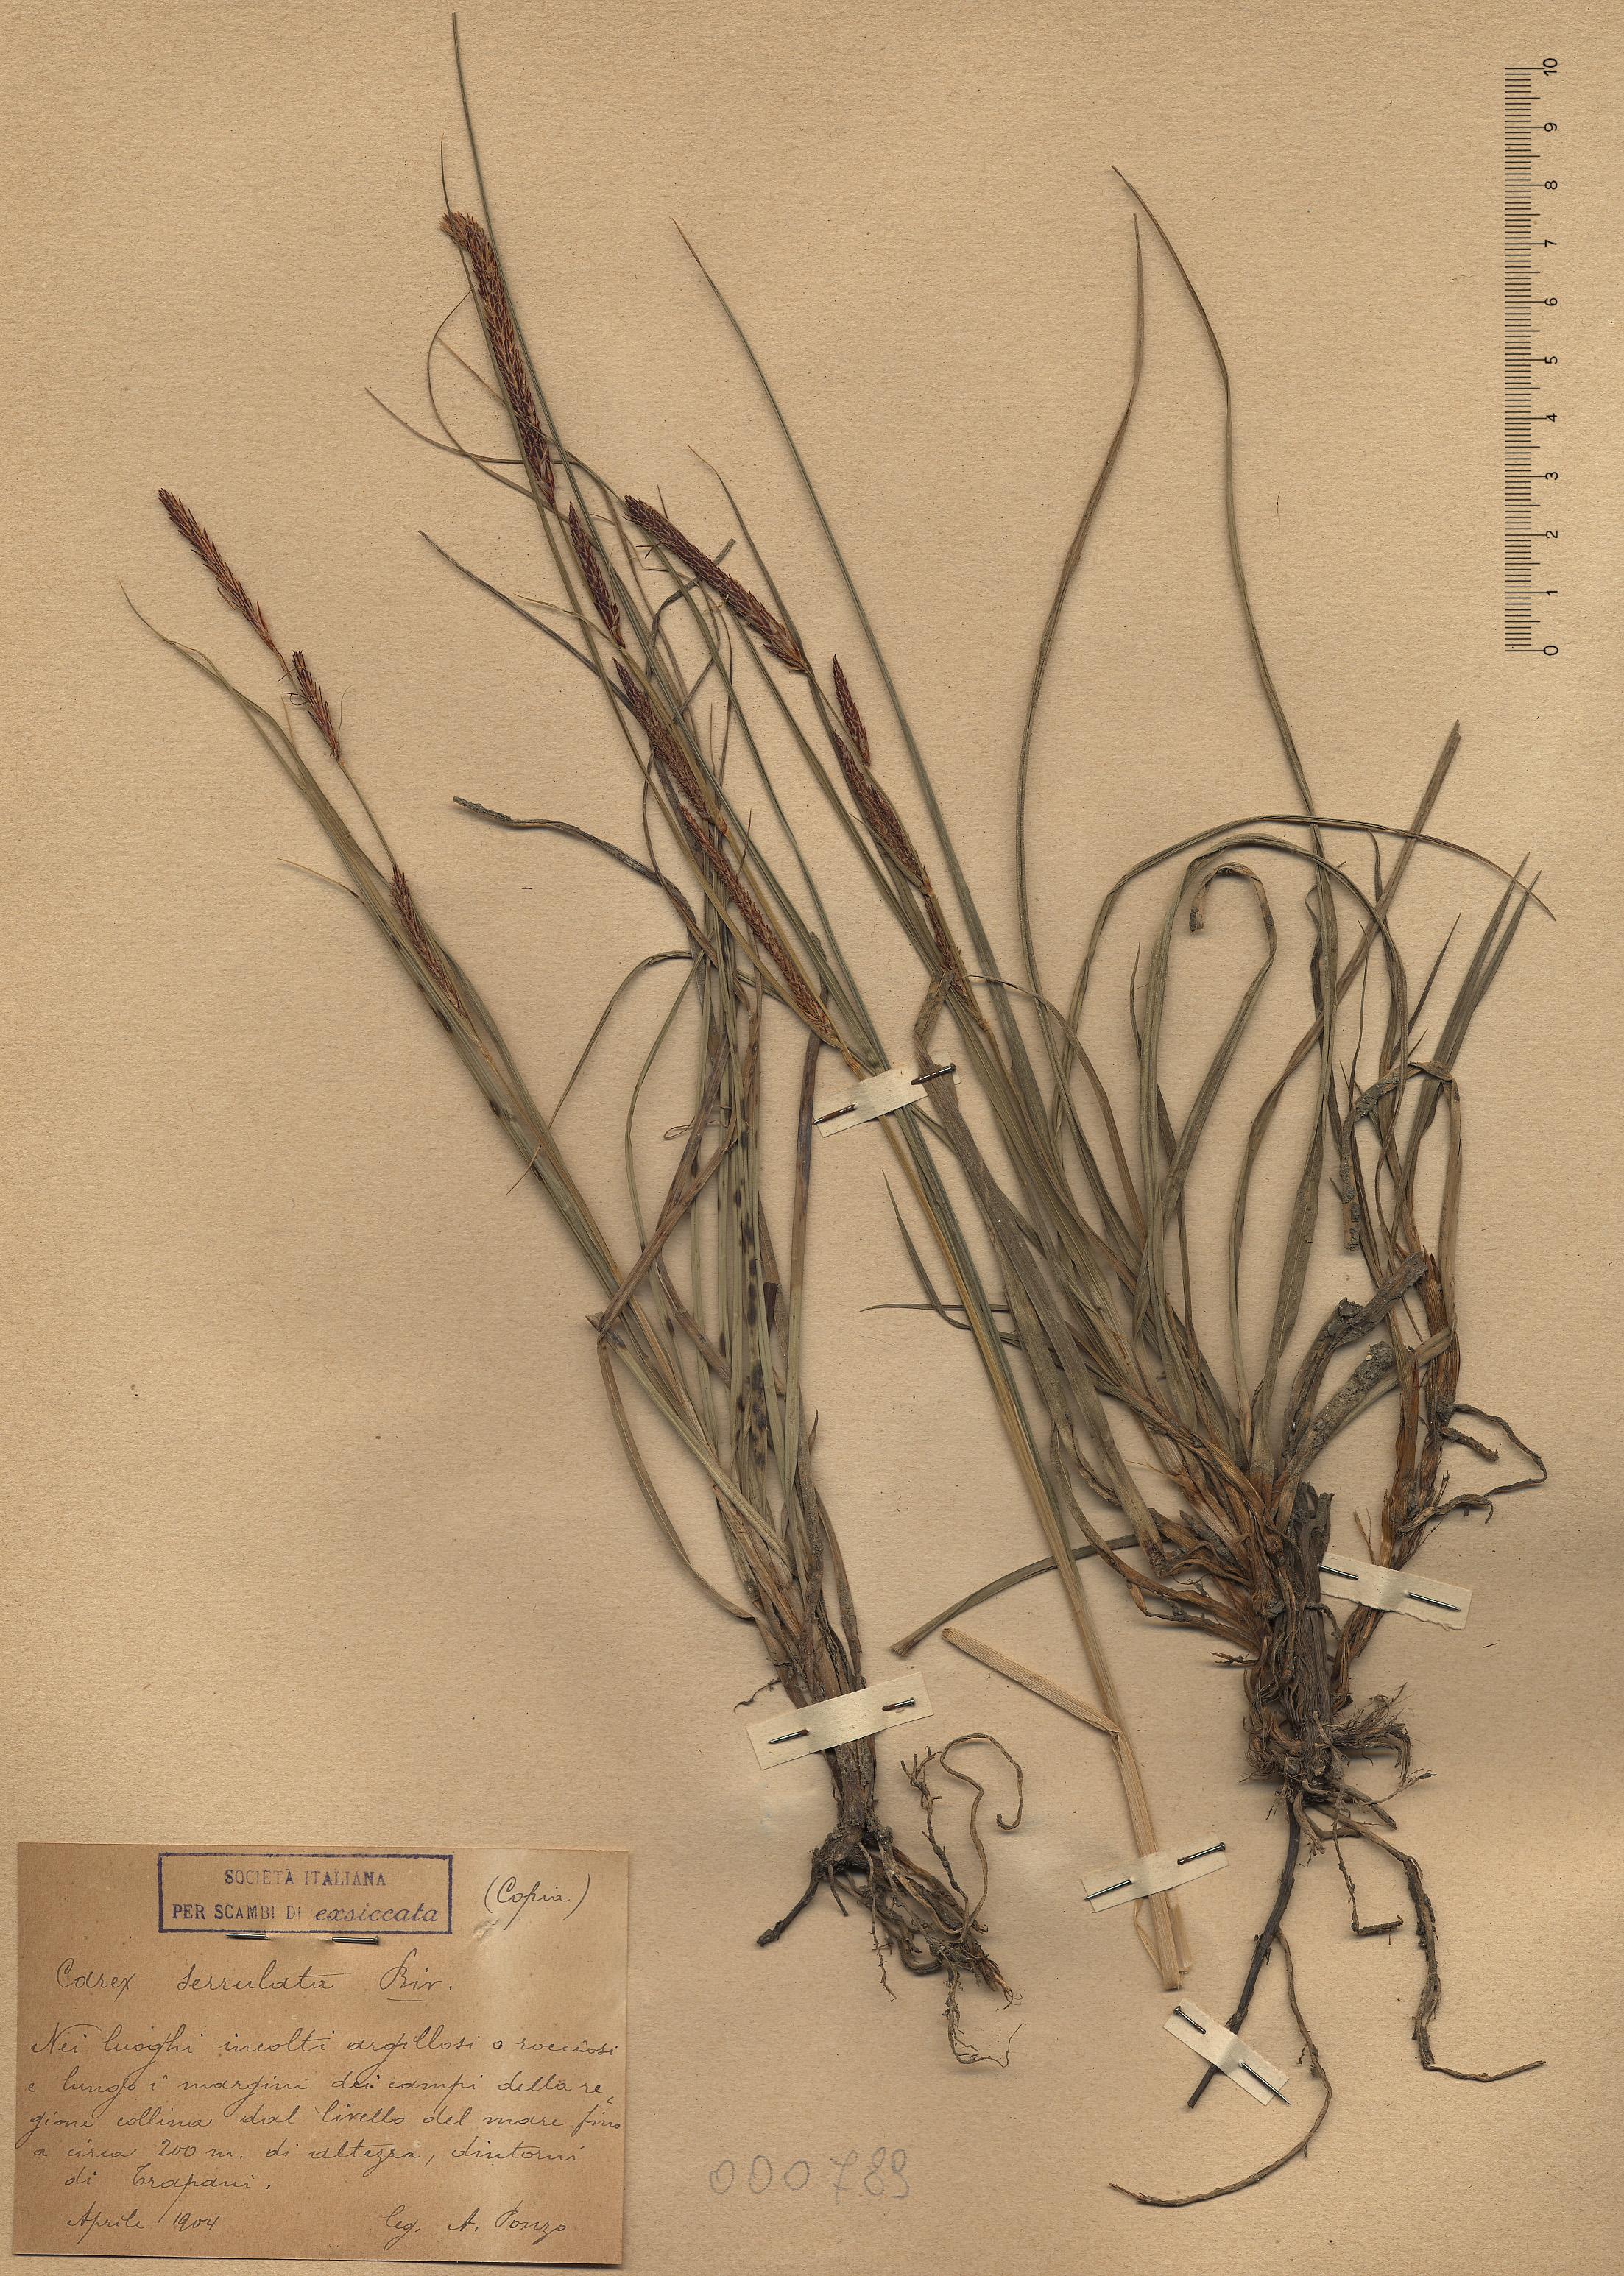 &copy; Hortus Botanicus Catinensis - Herb. sheet 000789<br>